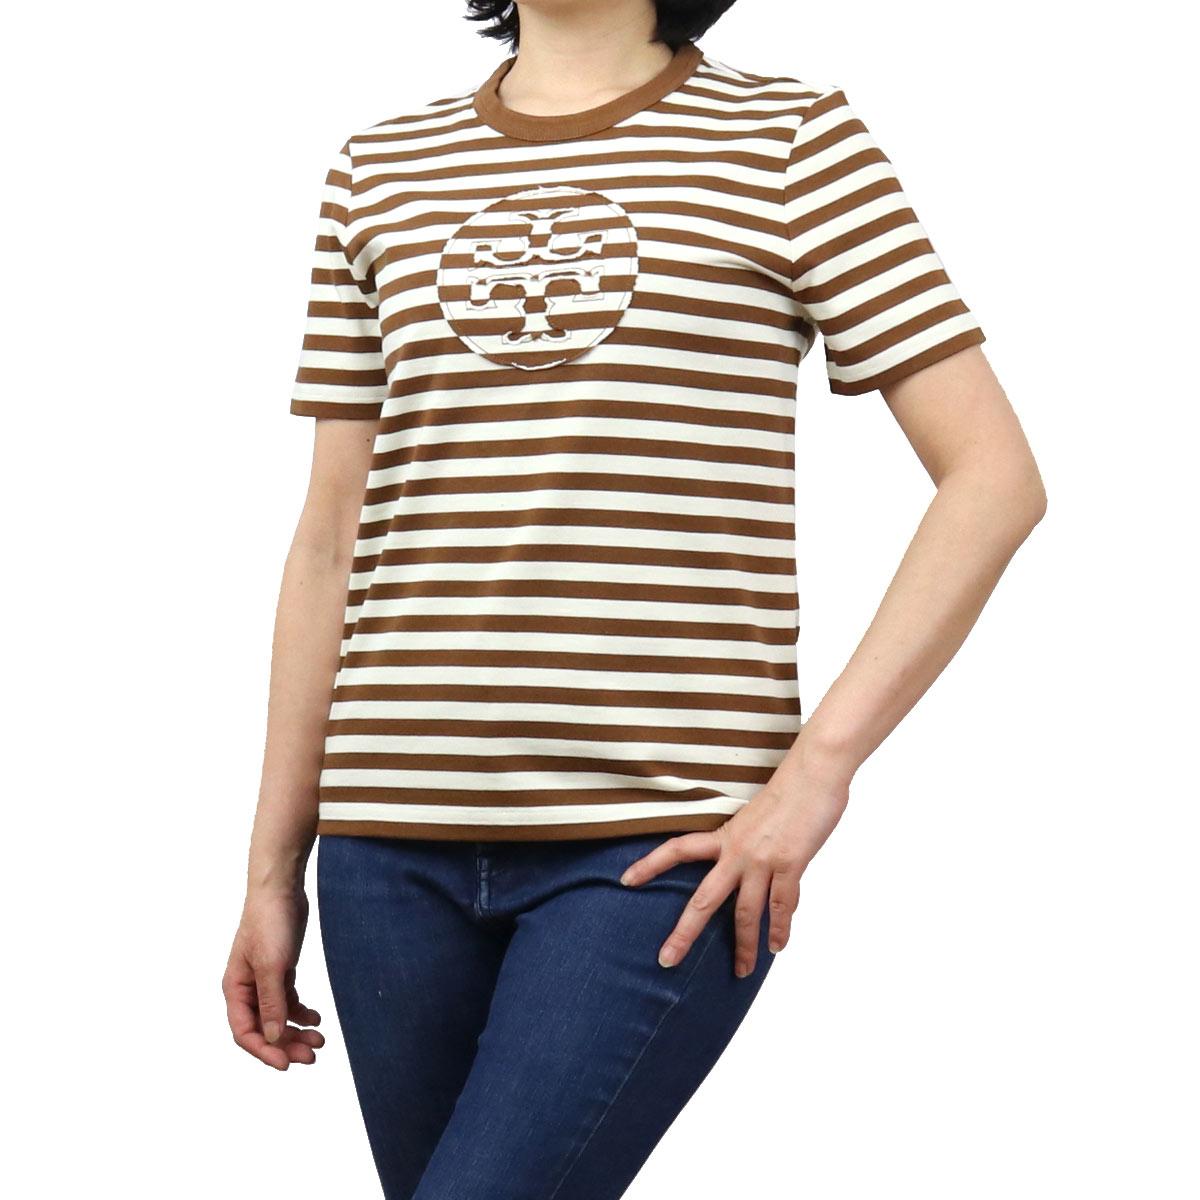 トリーバーチ TORY BURCH レディース-Tシャツ 63871 229 ブラウン系 apparel-01 レディース